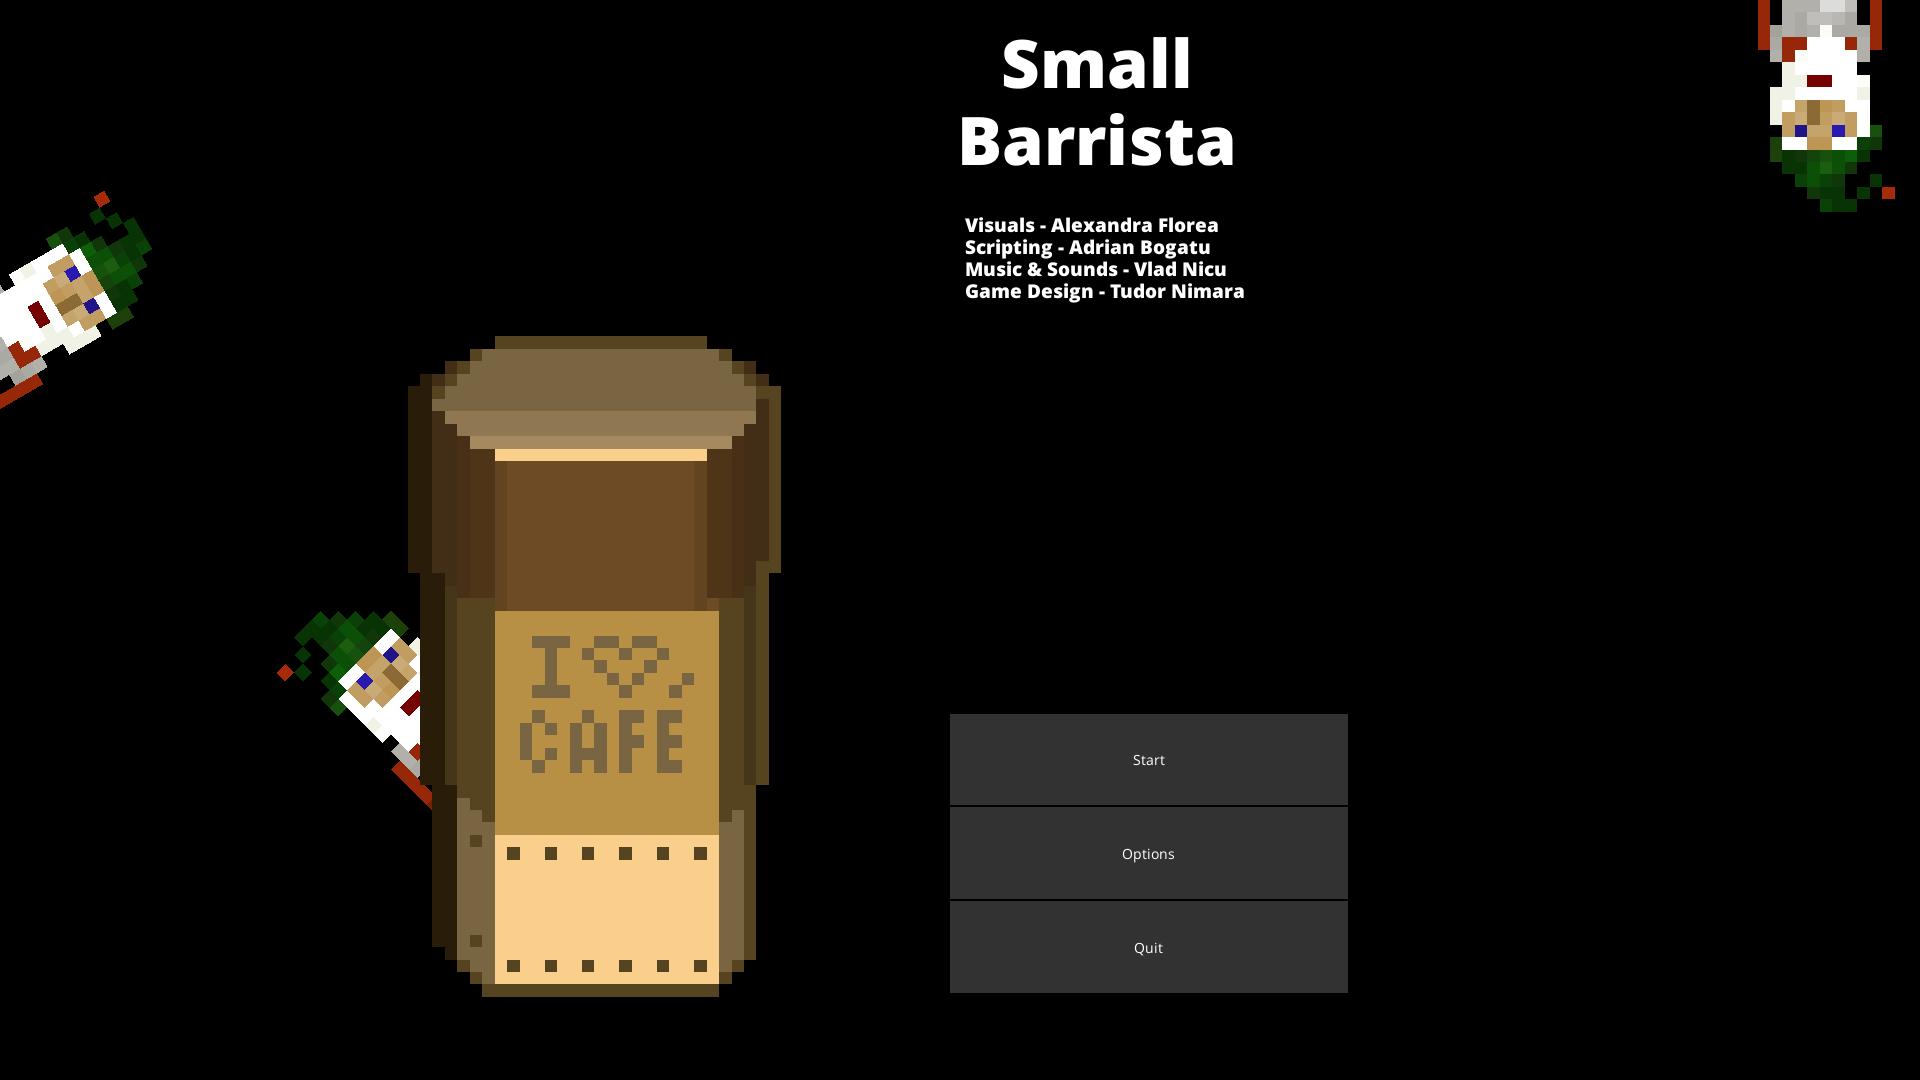 Small Barrista